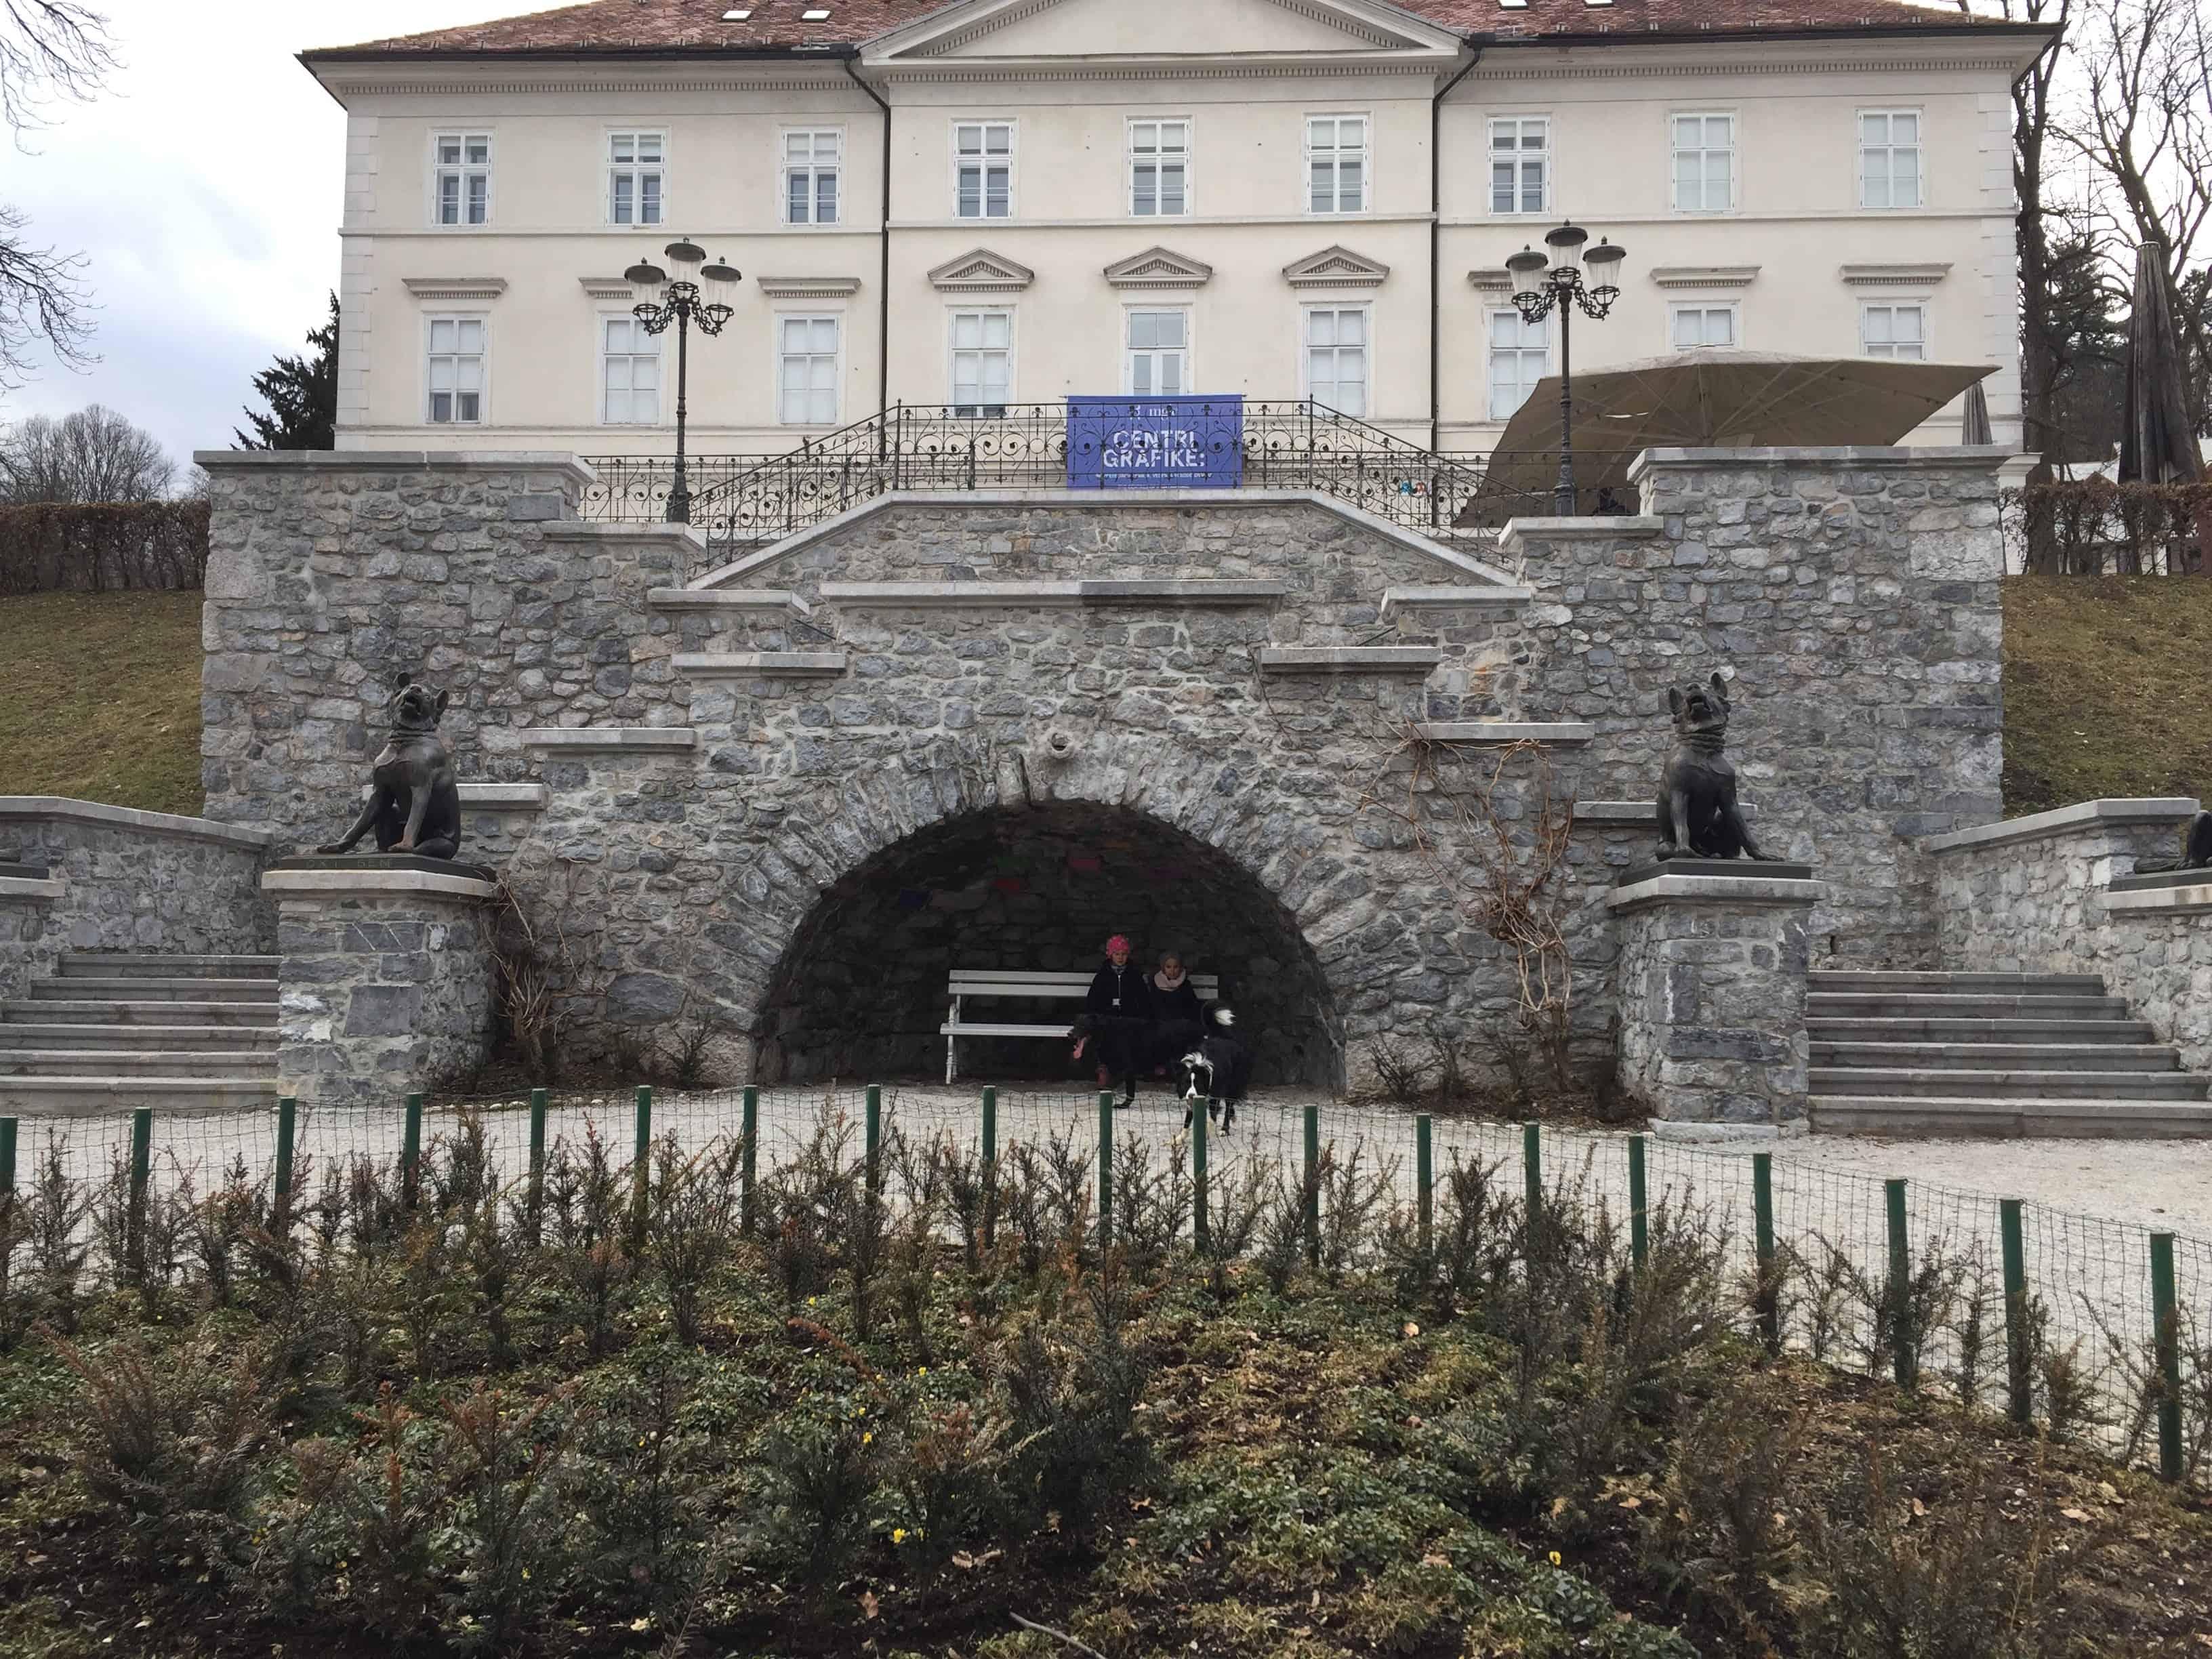 Tivolski grad v parku Tivoli, Ljubljana